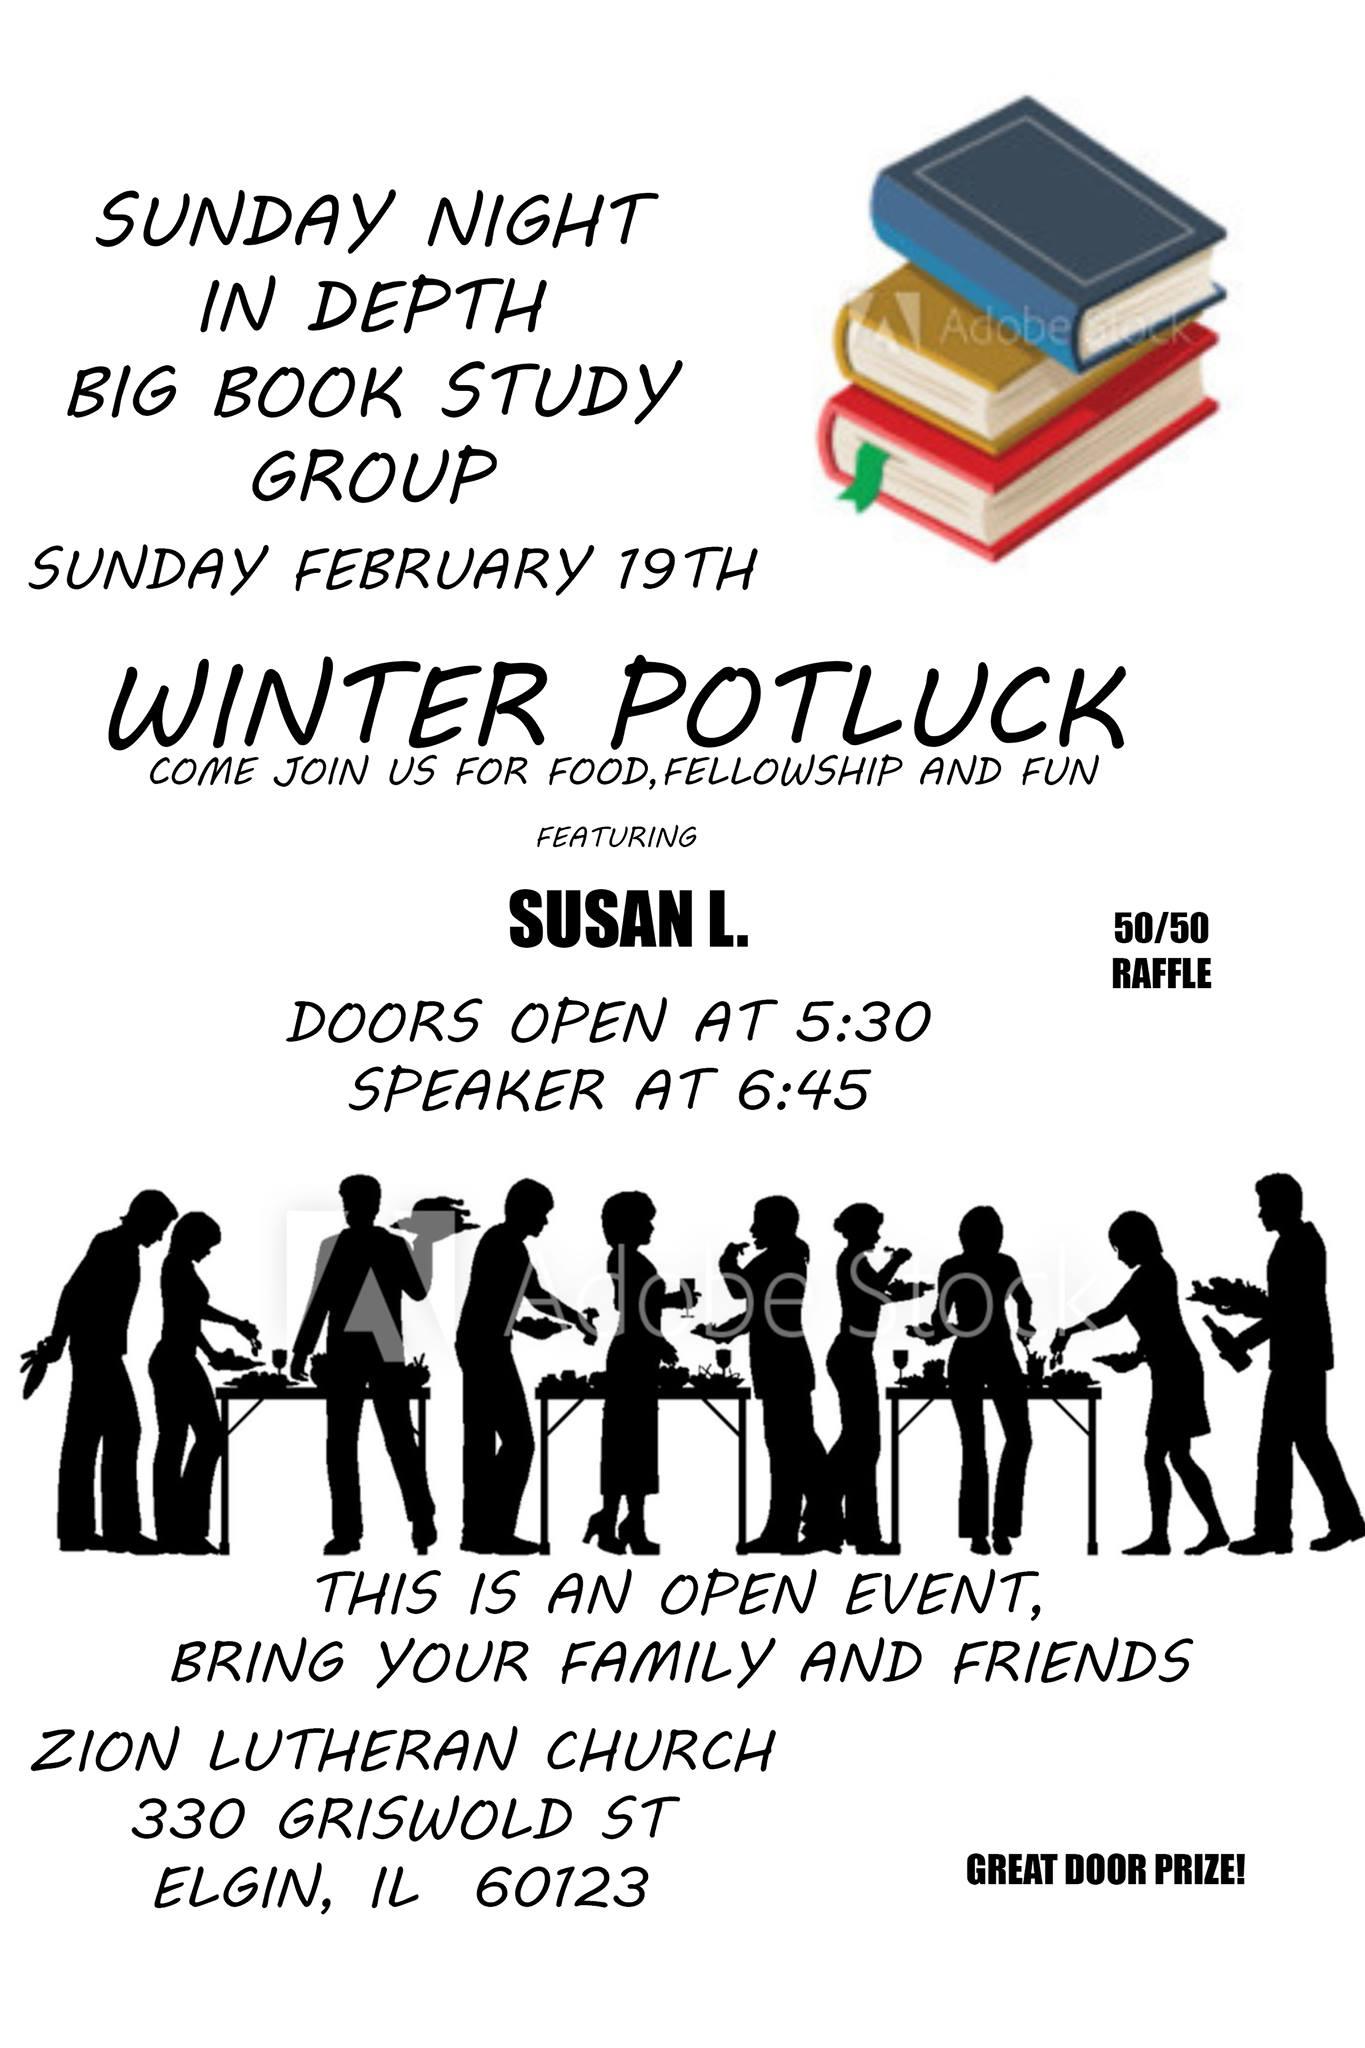 Winter Open Speaker Potluck – In-Depth Big Book Study Group 1